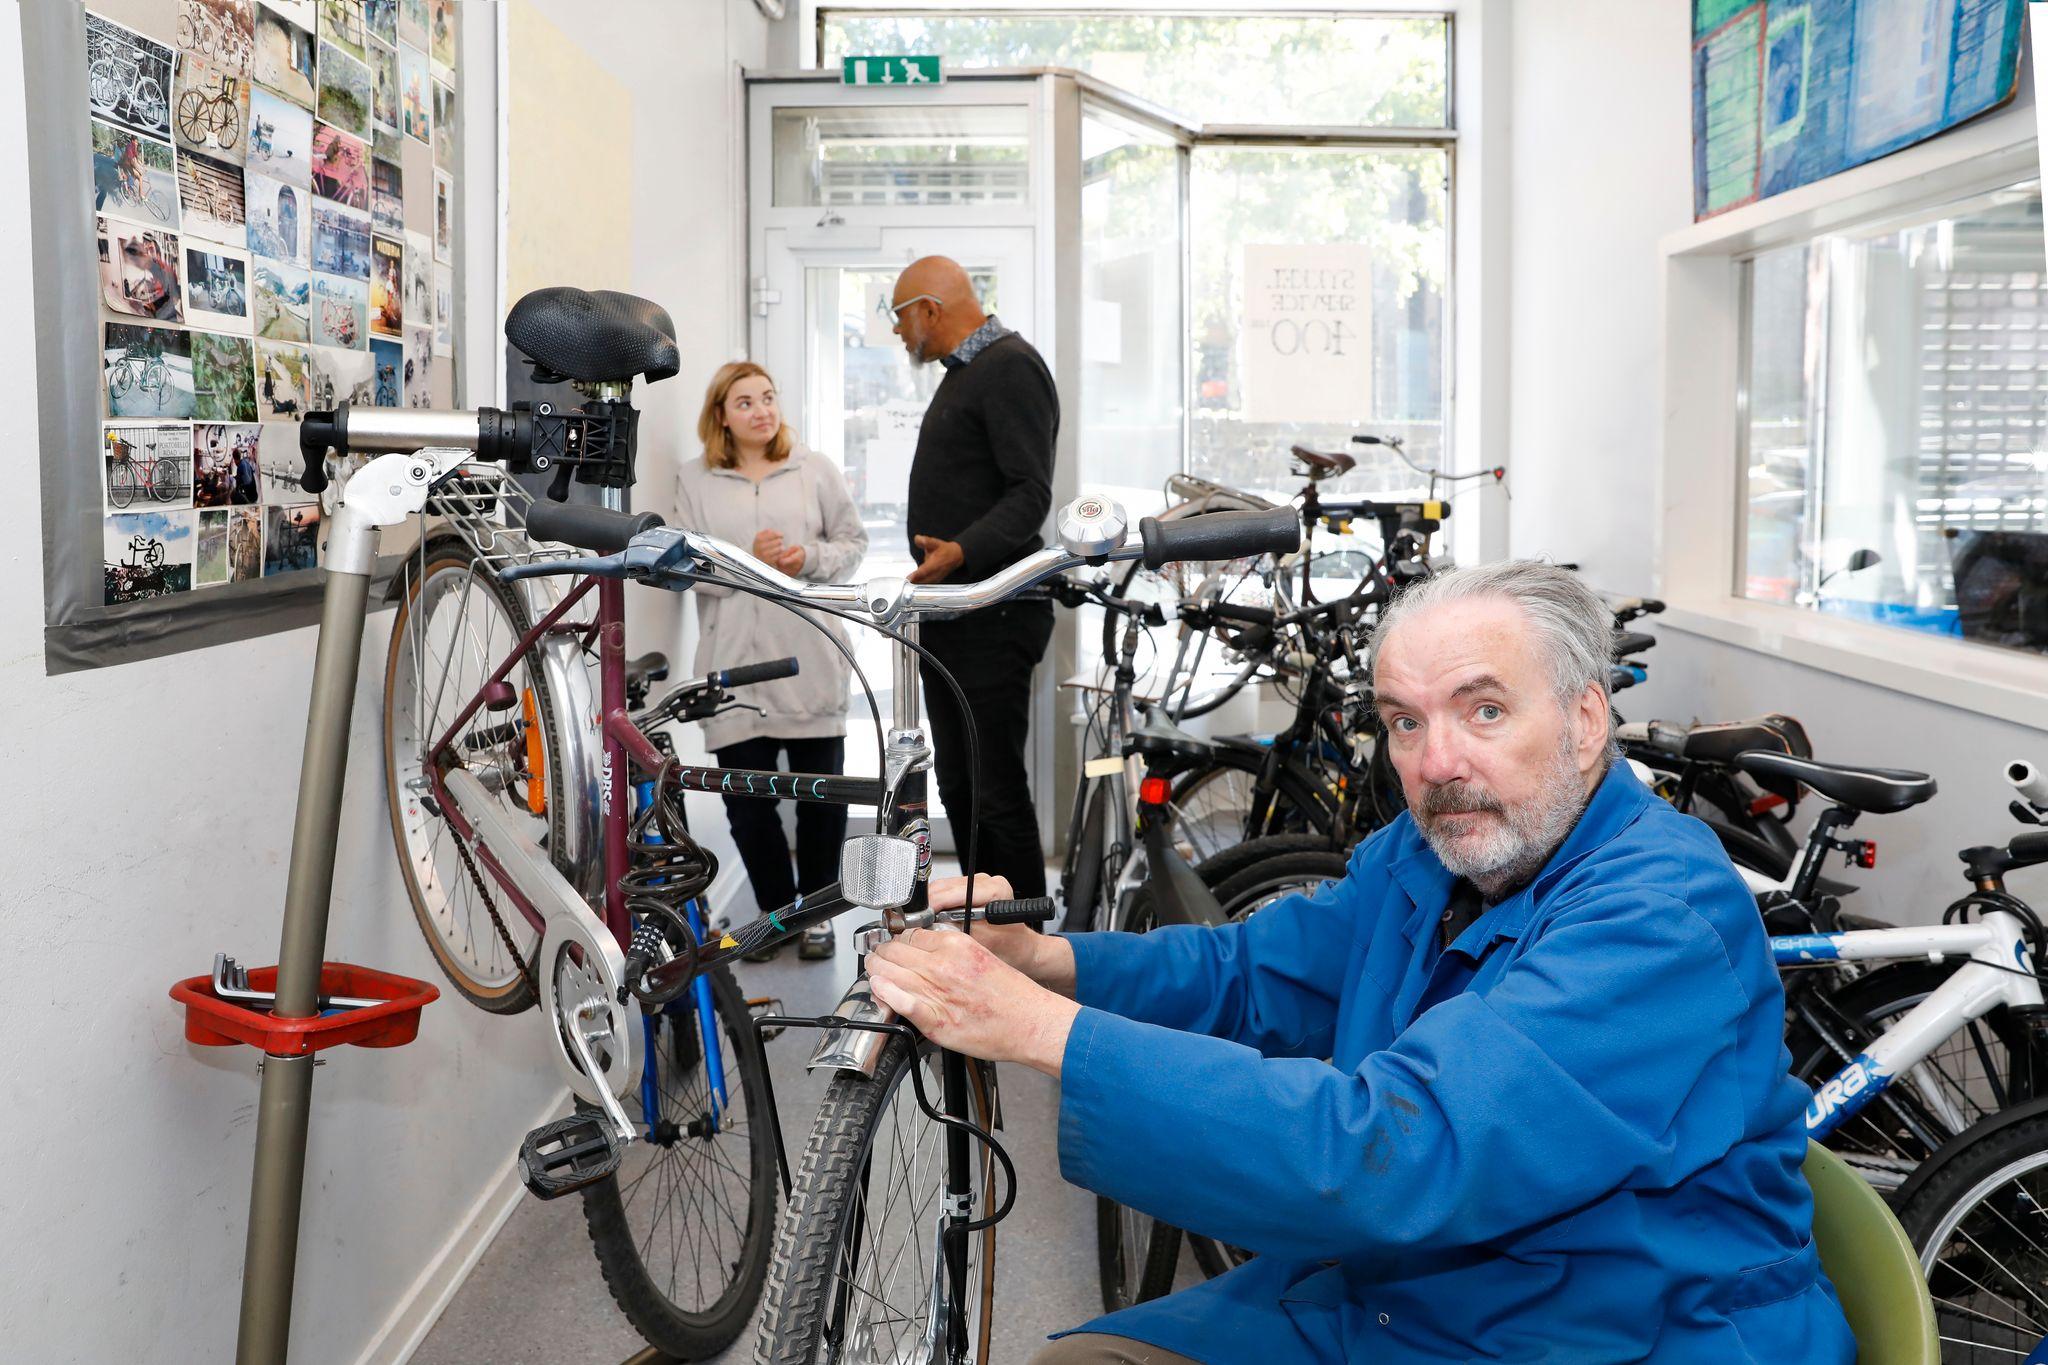 Oslo Høyre: – Ikke en kommunal oppgave å betale for å reparere syklene til folk som har jobb